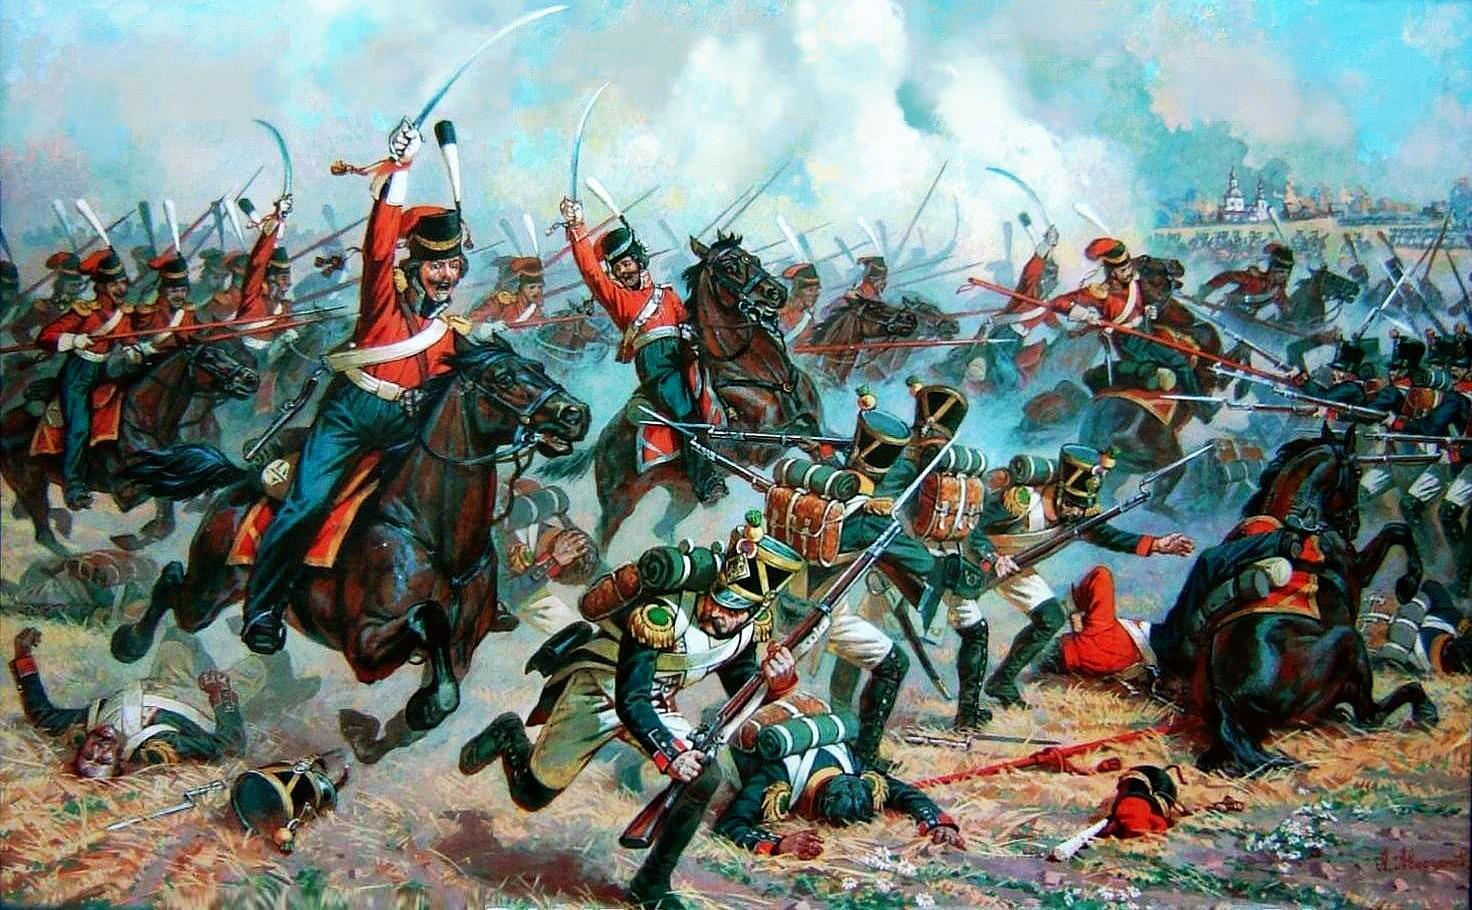 Бородины тулалдаанд олзлогдсон орос цэрэг байгаагүй...